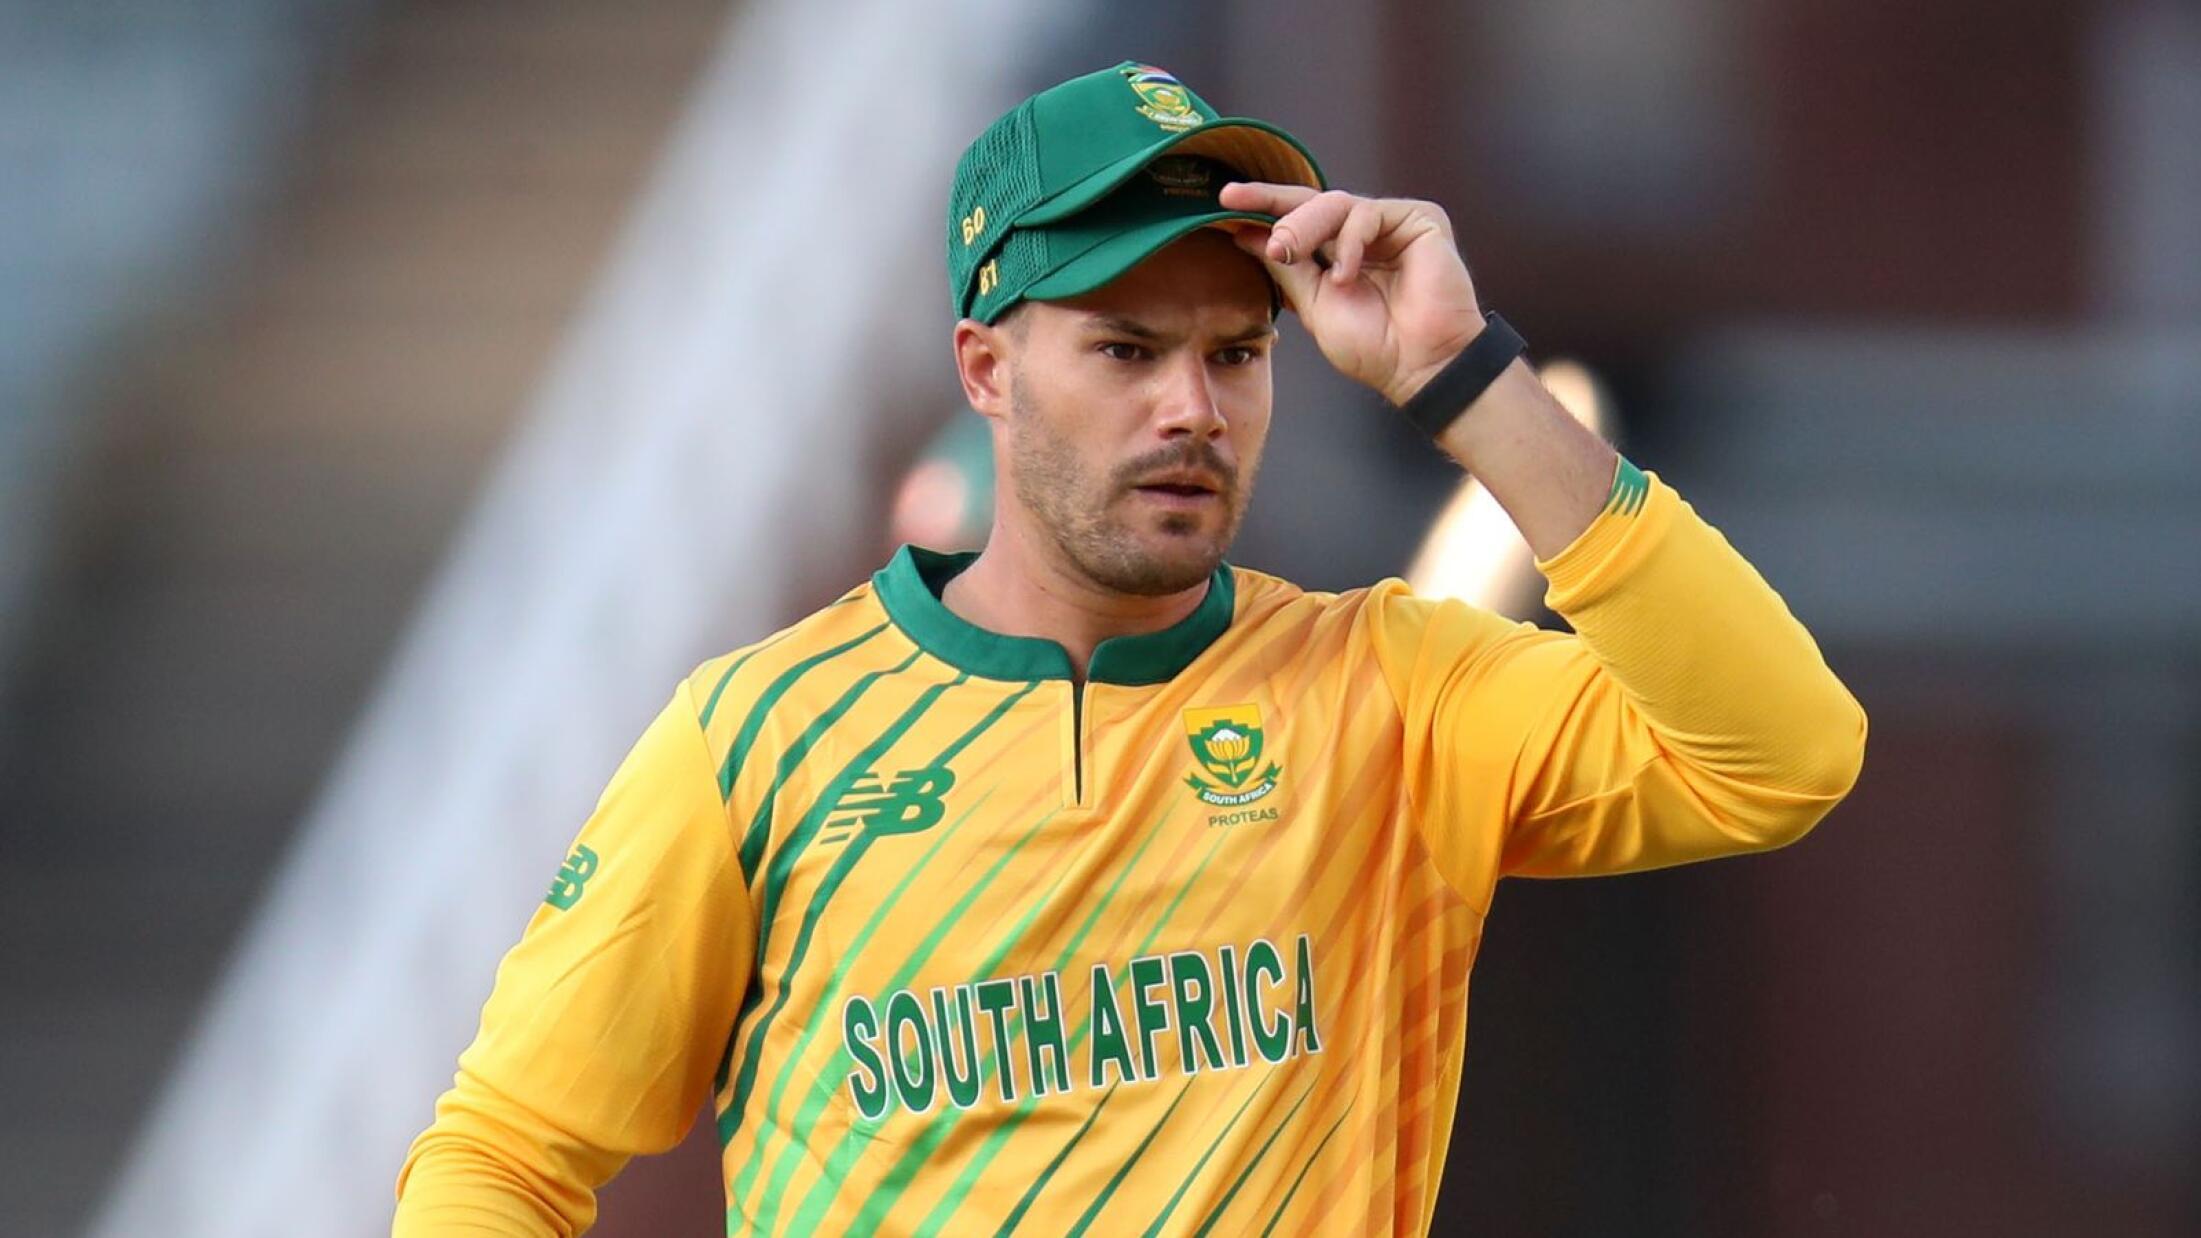 South Africa's Aiden Markram